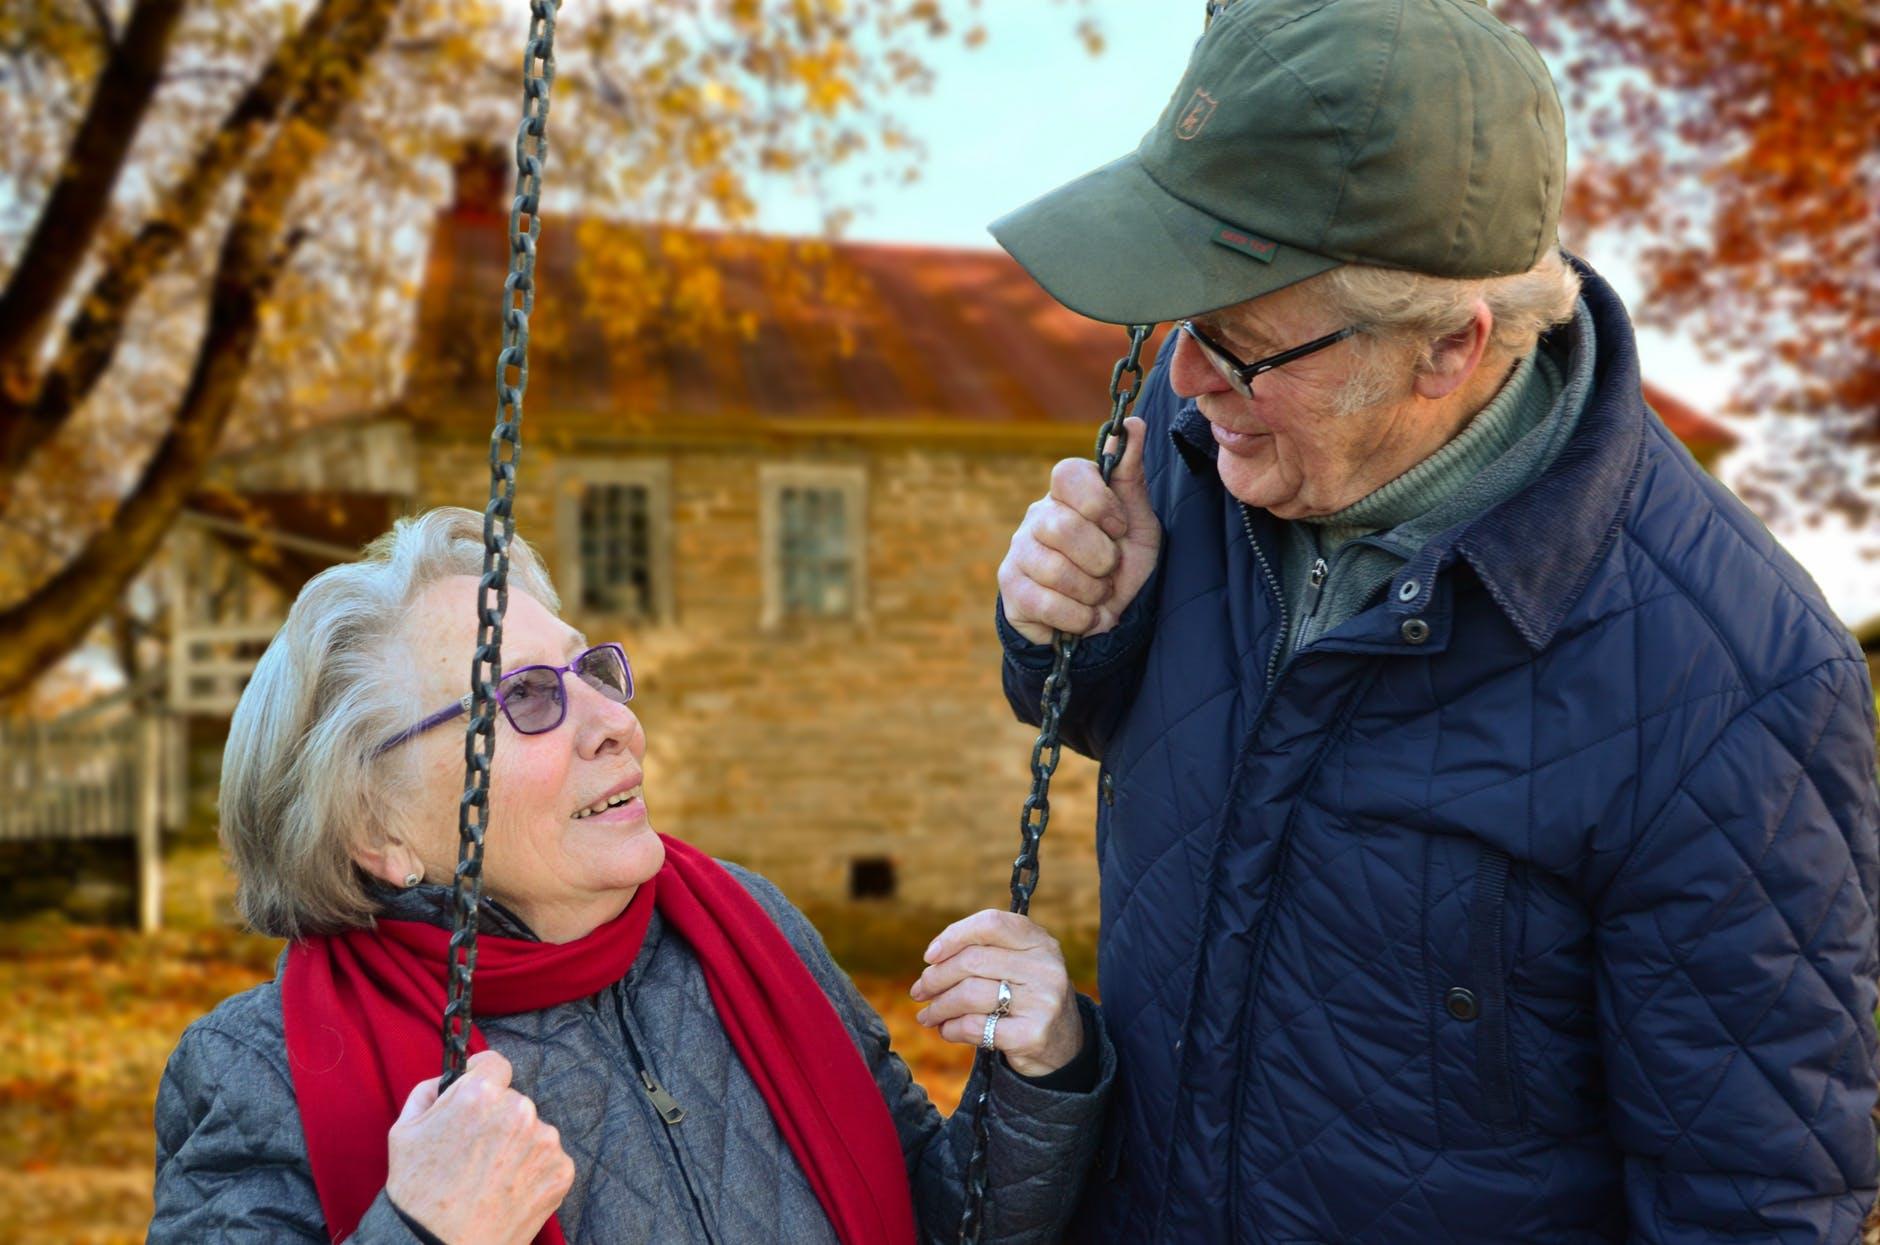 Szuper őszi - téli  kedvezmény nyugdíjasoknak, örökifjaknak! Ajándékkal!